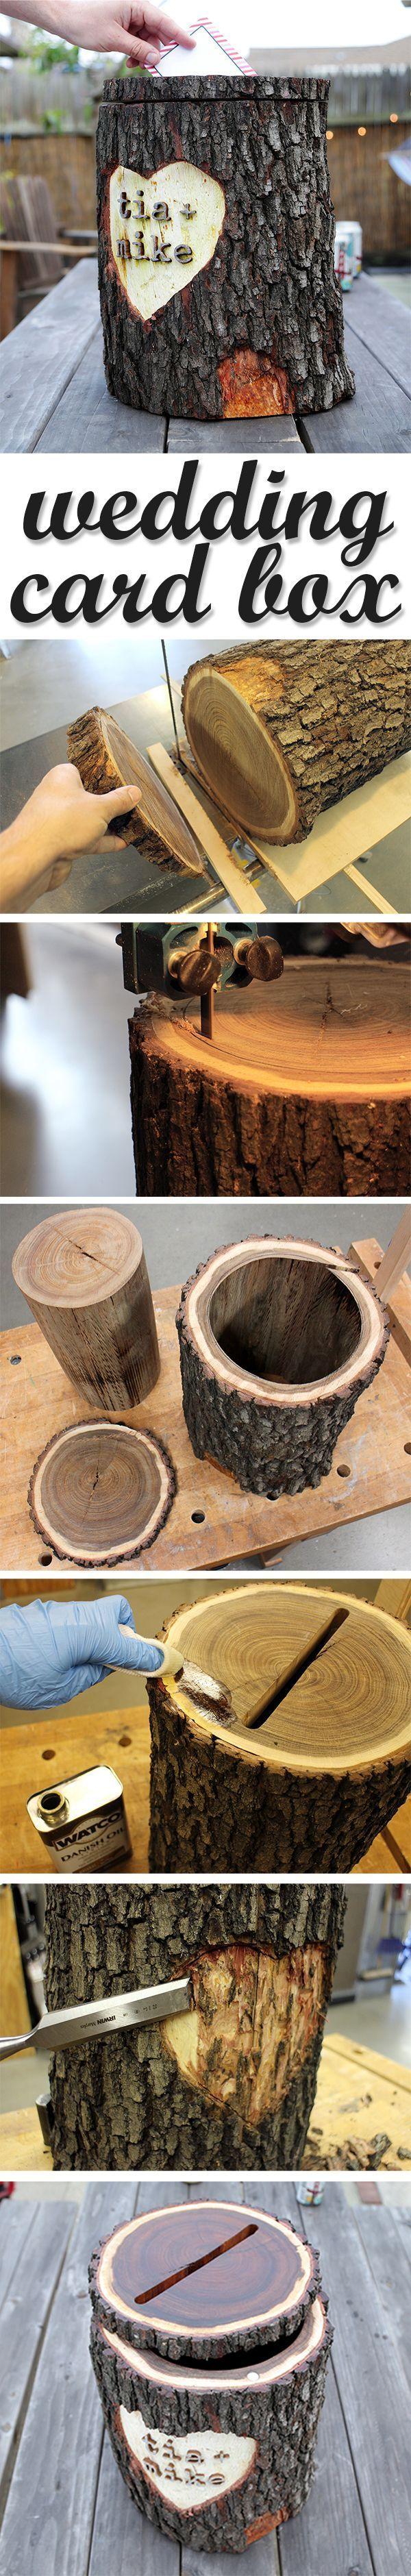 DIY rustic wedding card box idea. Turn a log into a card box for a rustic wedding